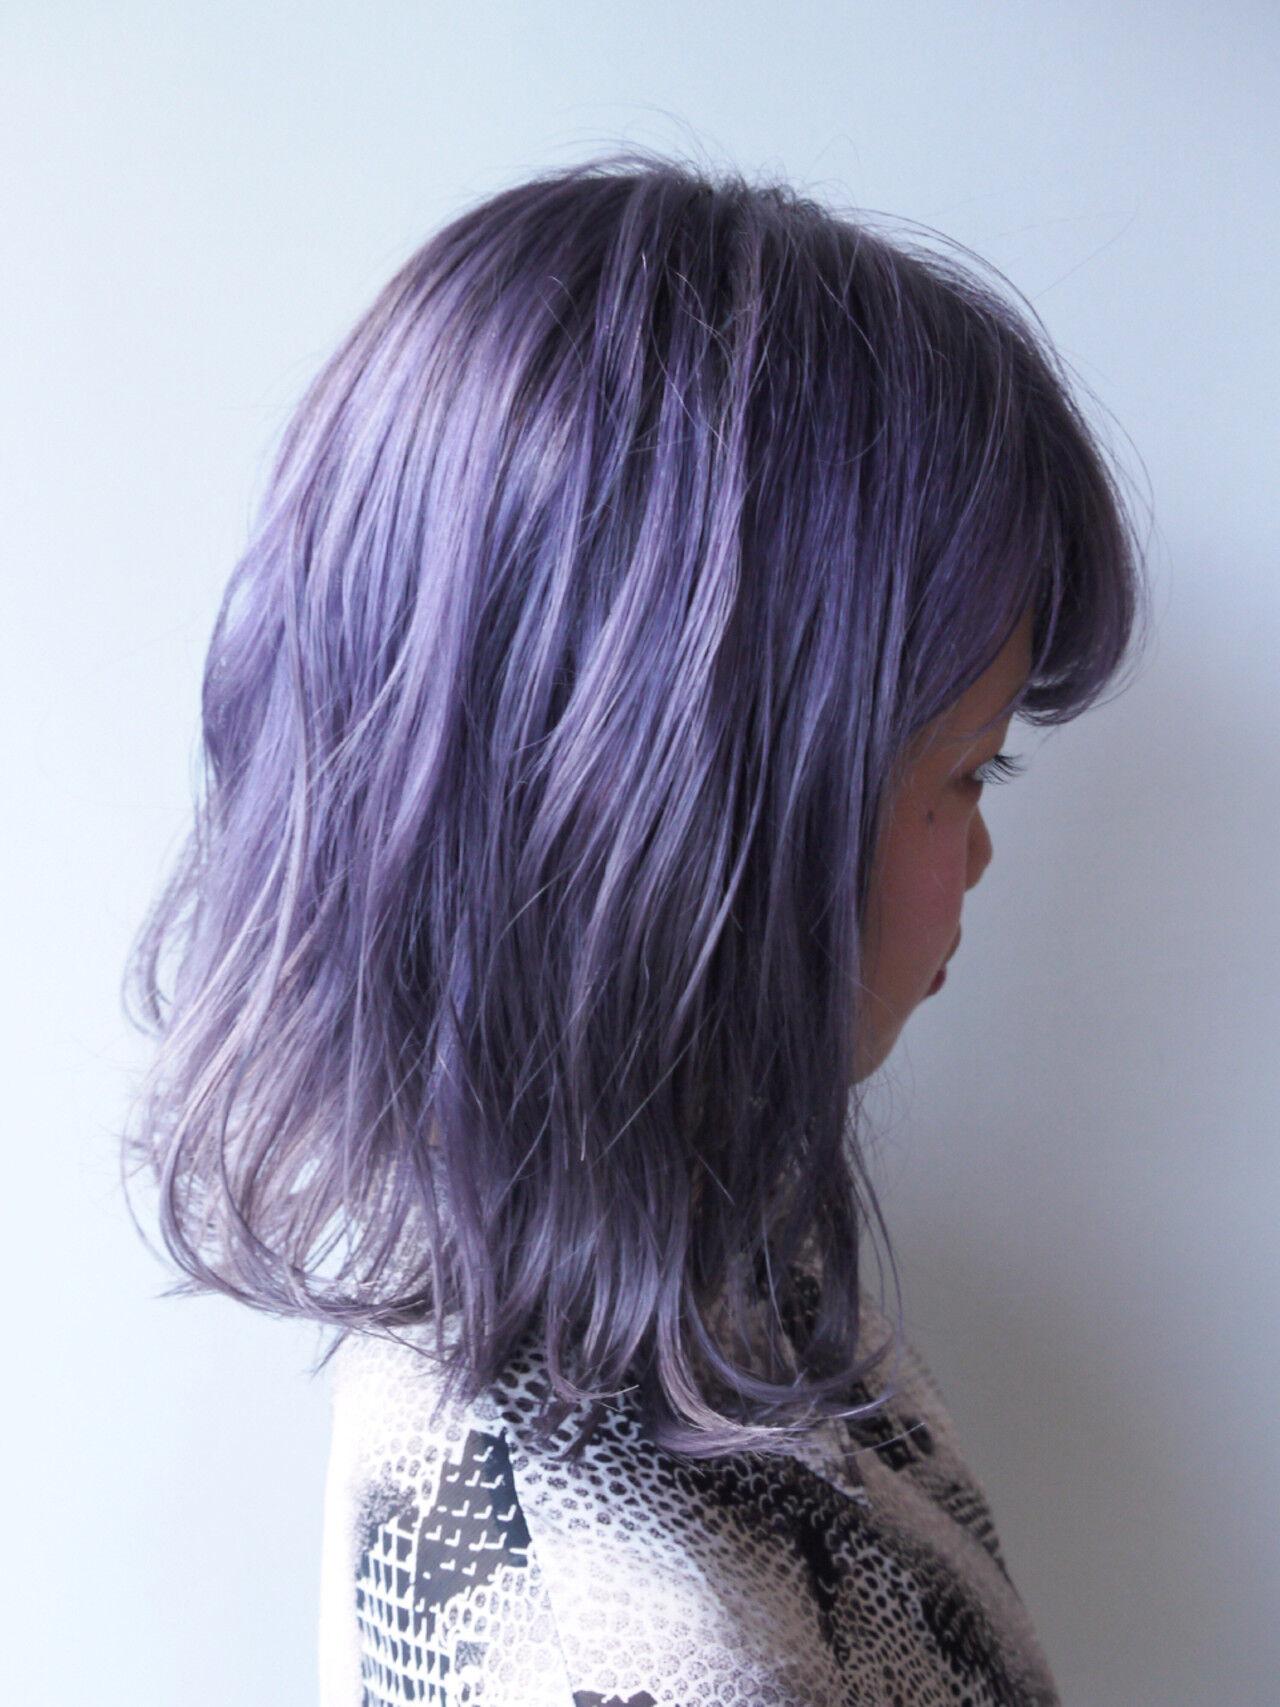 パープル ミディアム グレージュ ラベンダーアッシュヘアスタイルや髪型の写真・画像